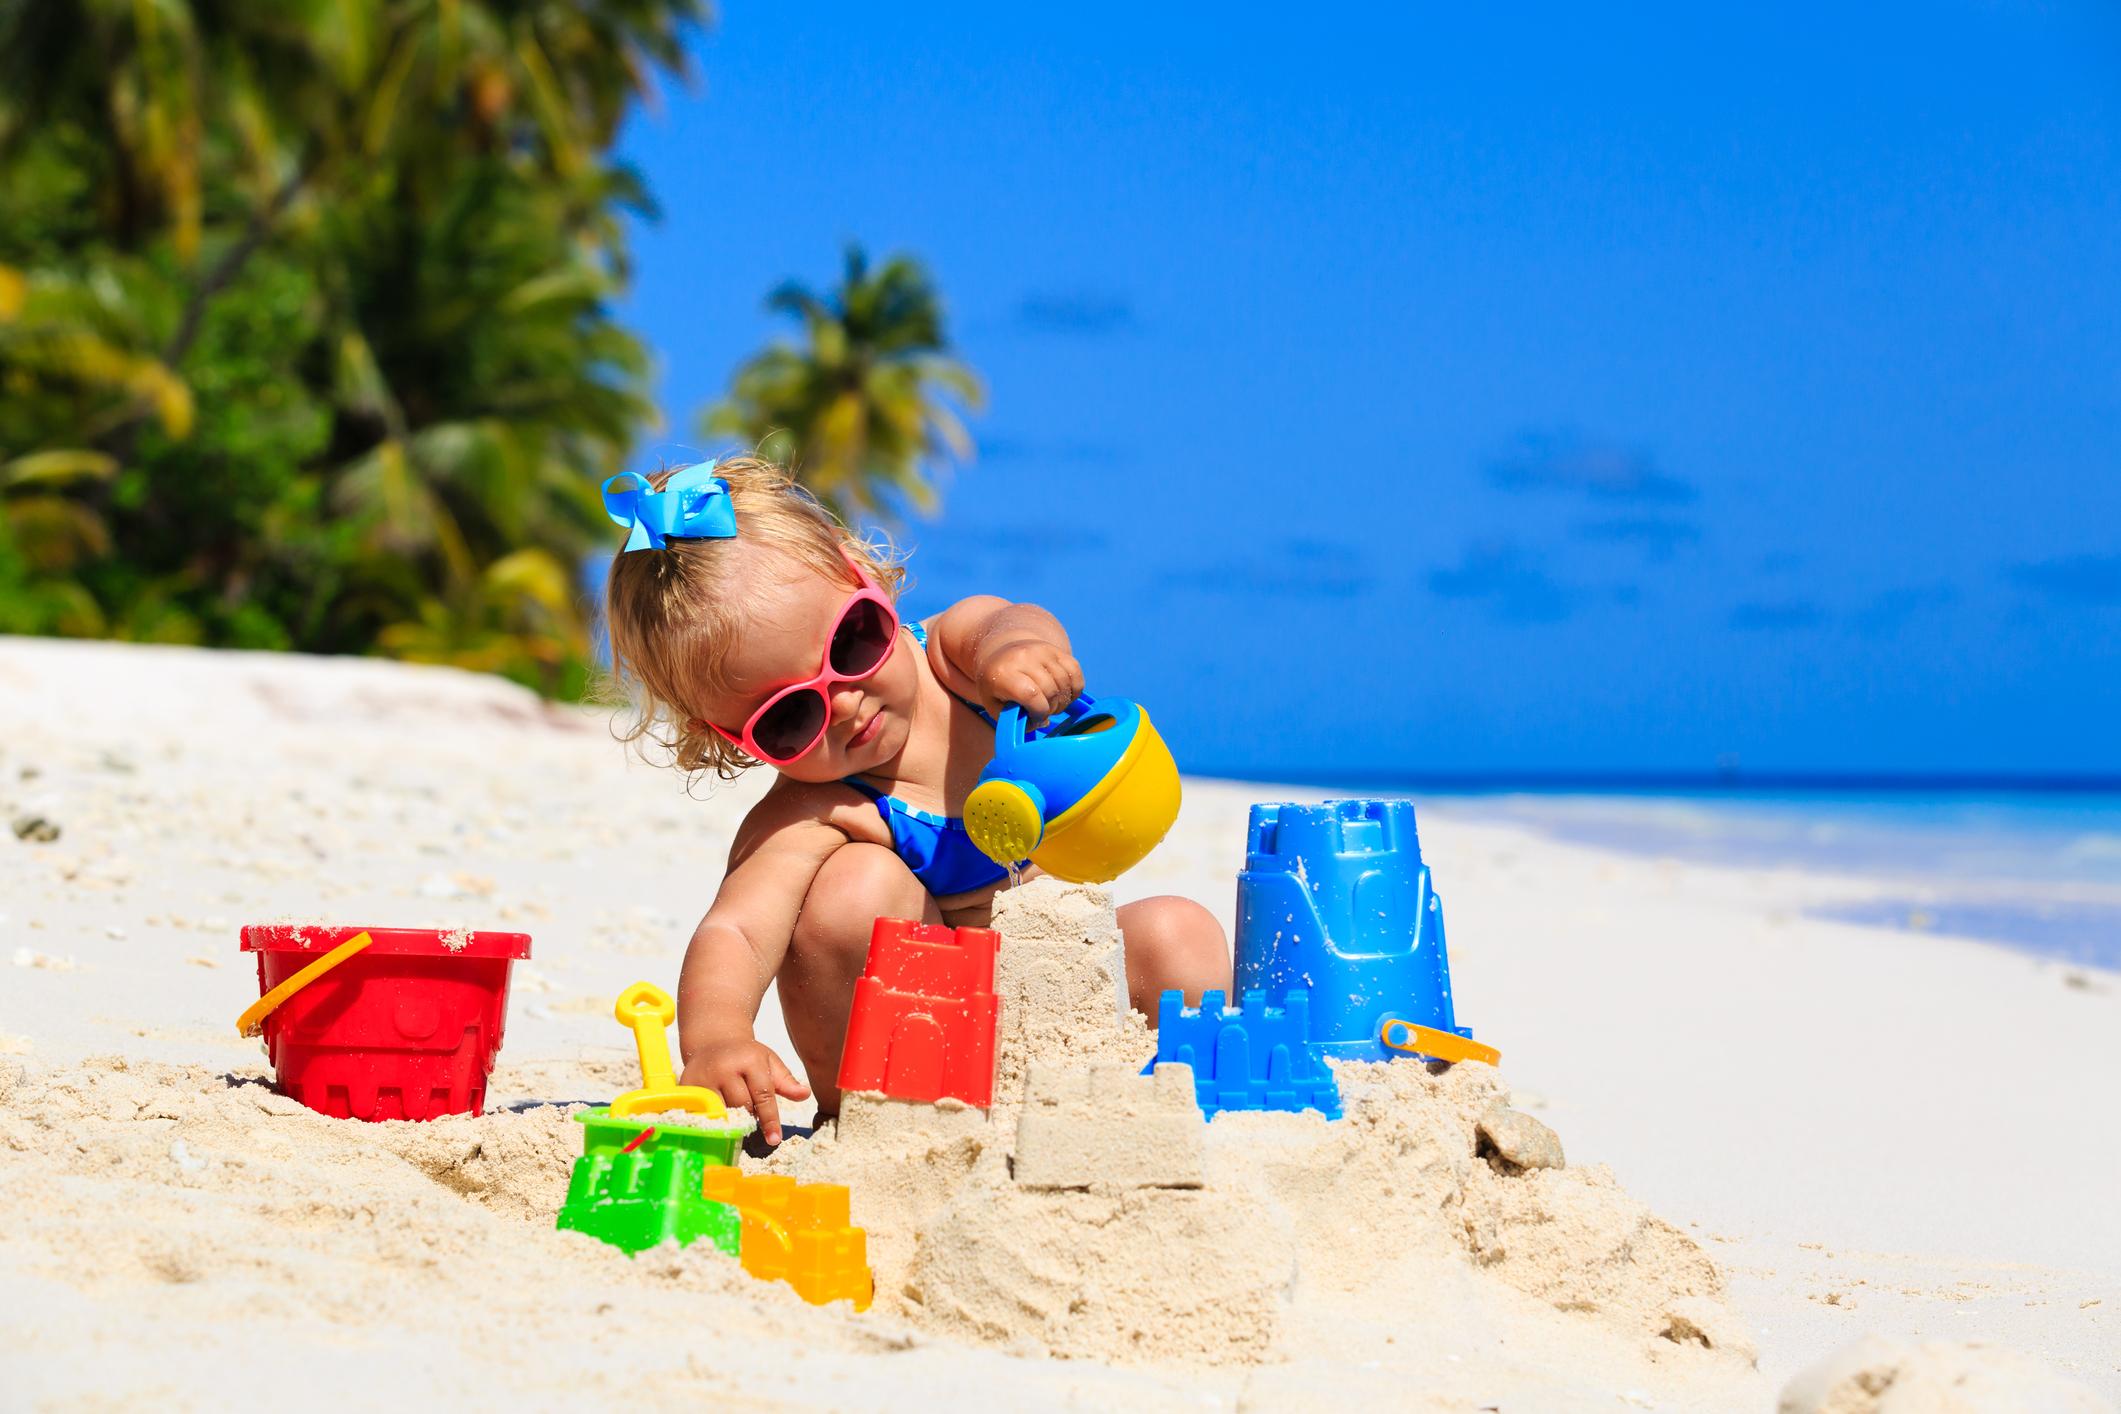 Детските играчки са най-малко привлекателната вещ за крадците, затова е добра идея да сложите парите си там, но от това скривалище могат да се възползват само родителите.